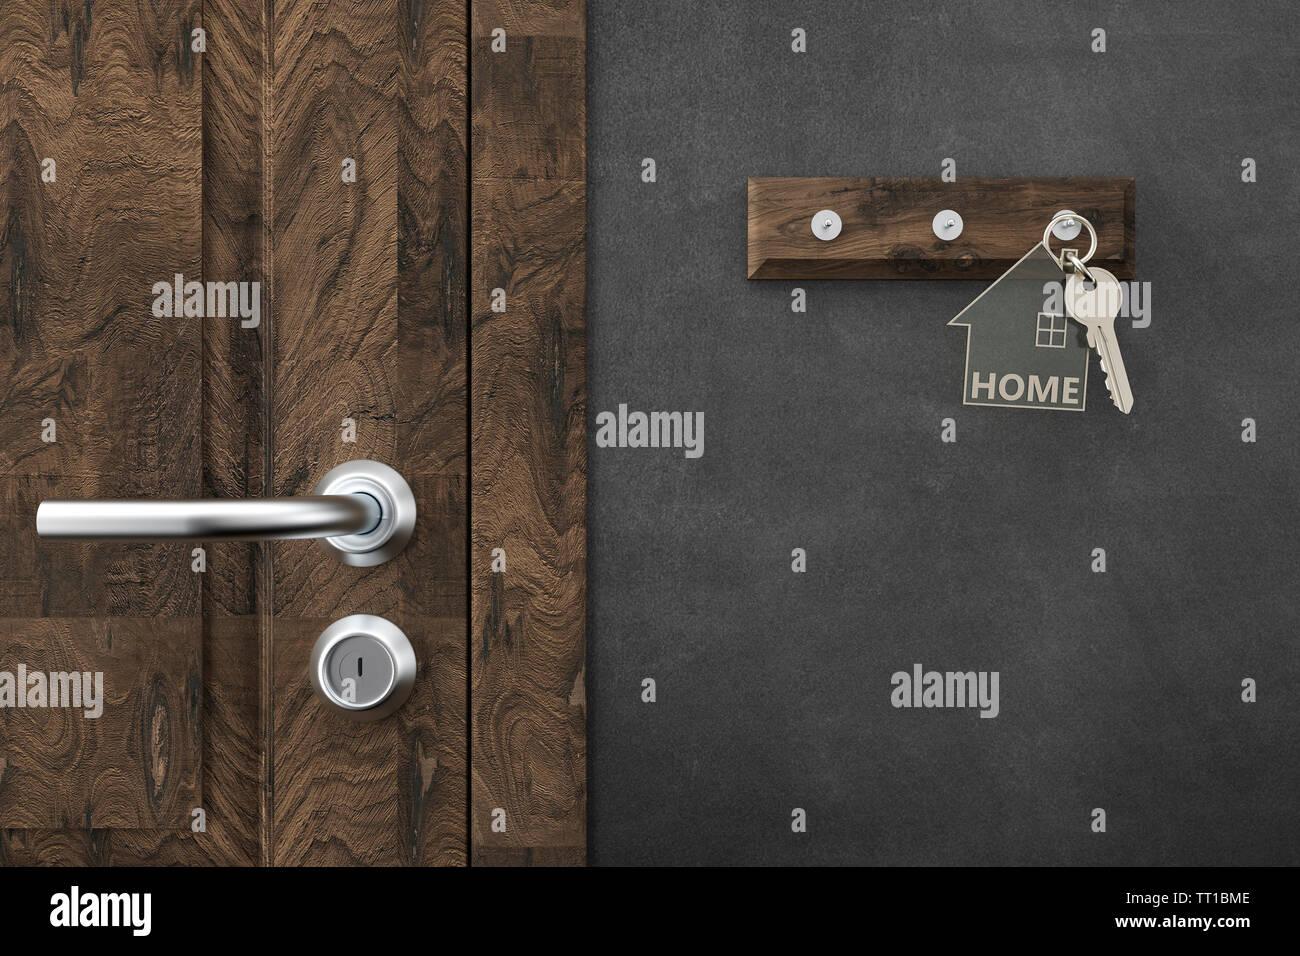 house key with keychains - Illustration - Stock Image